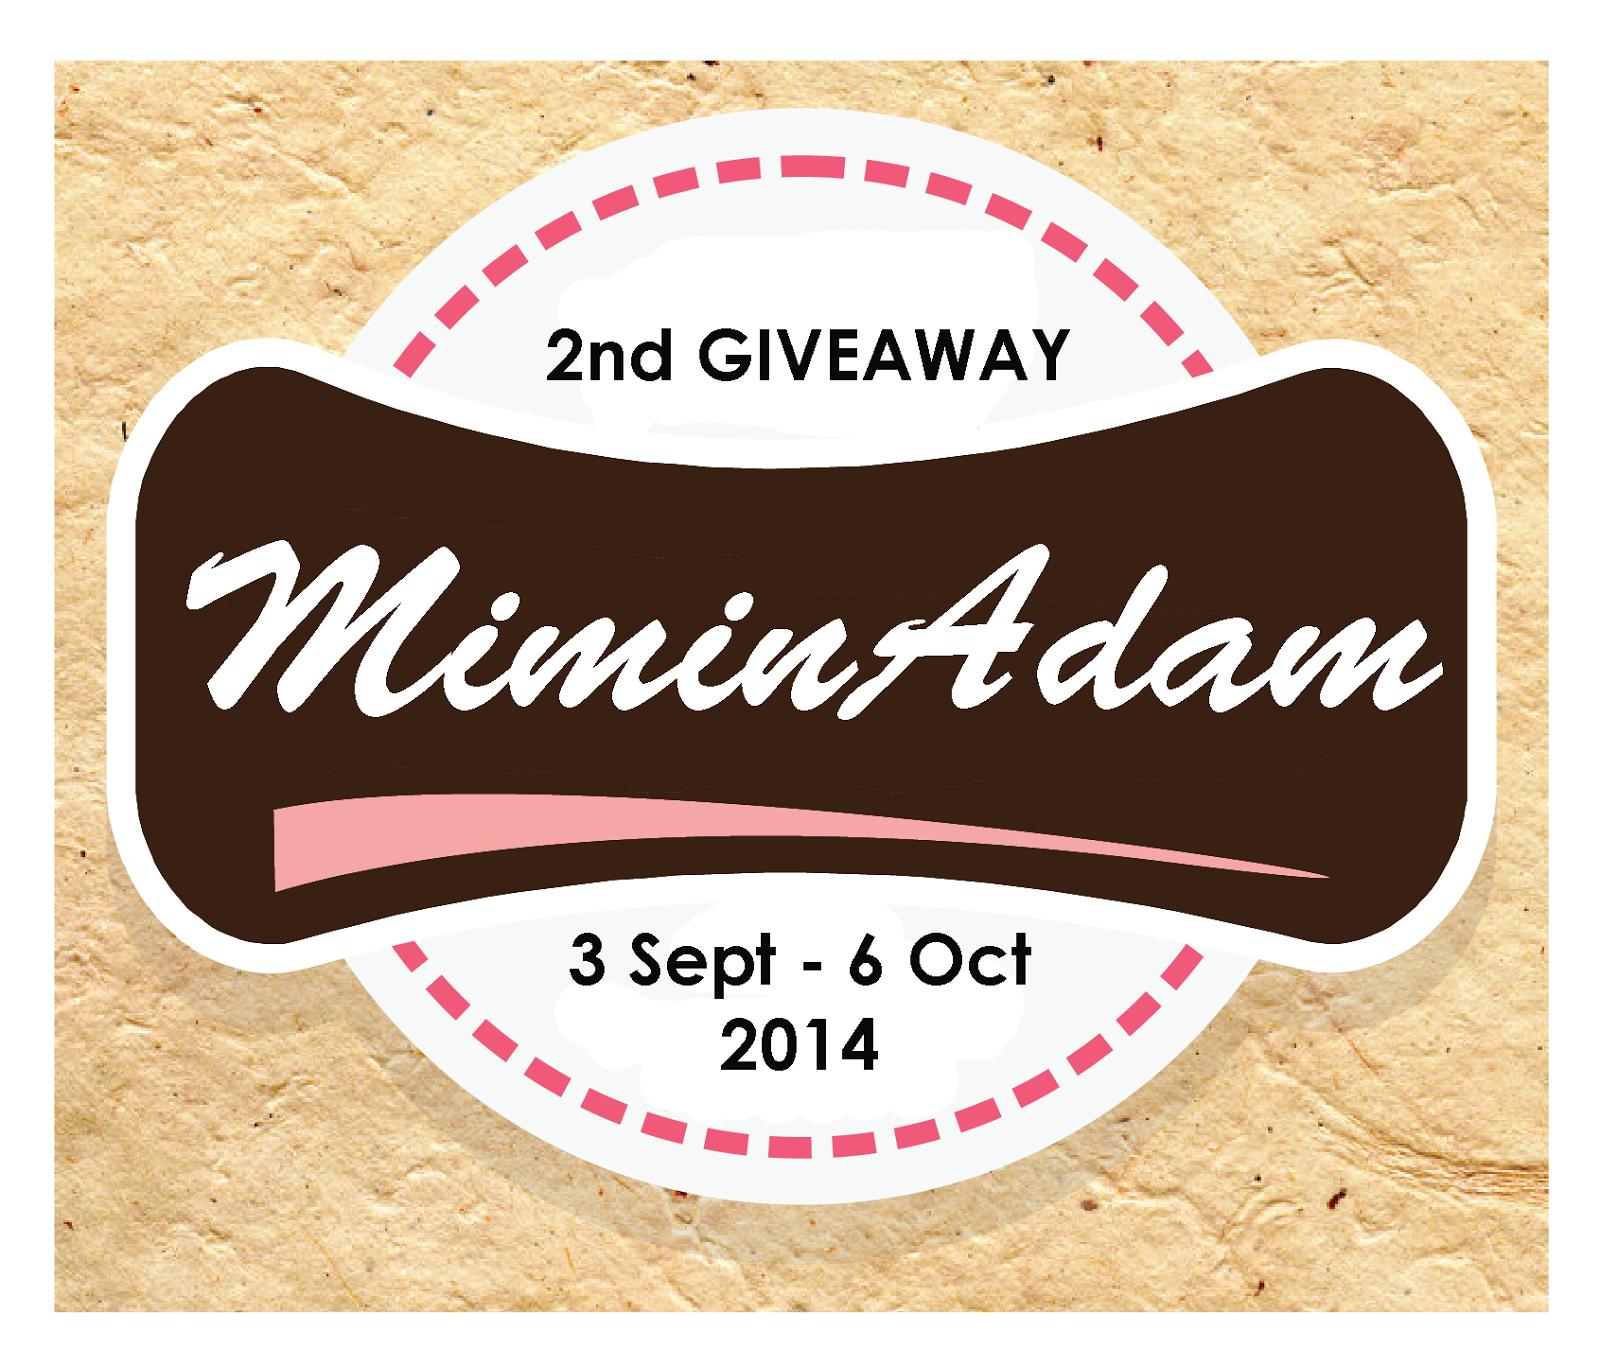 http://miminadam.blogspot.com/2014/09/2nd-giveaway-by-miminadam.html